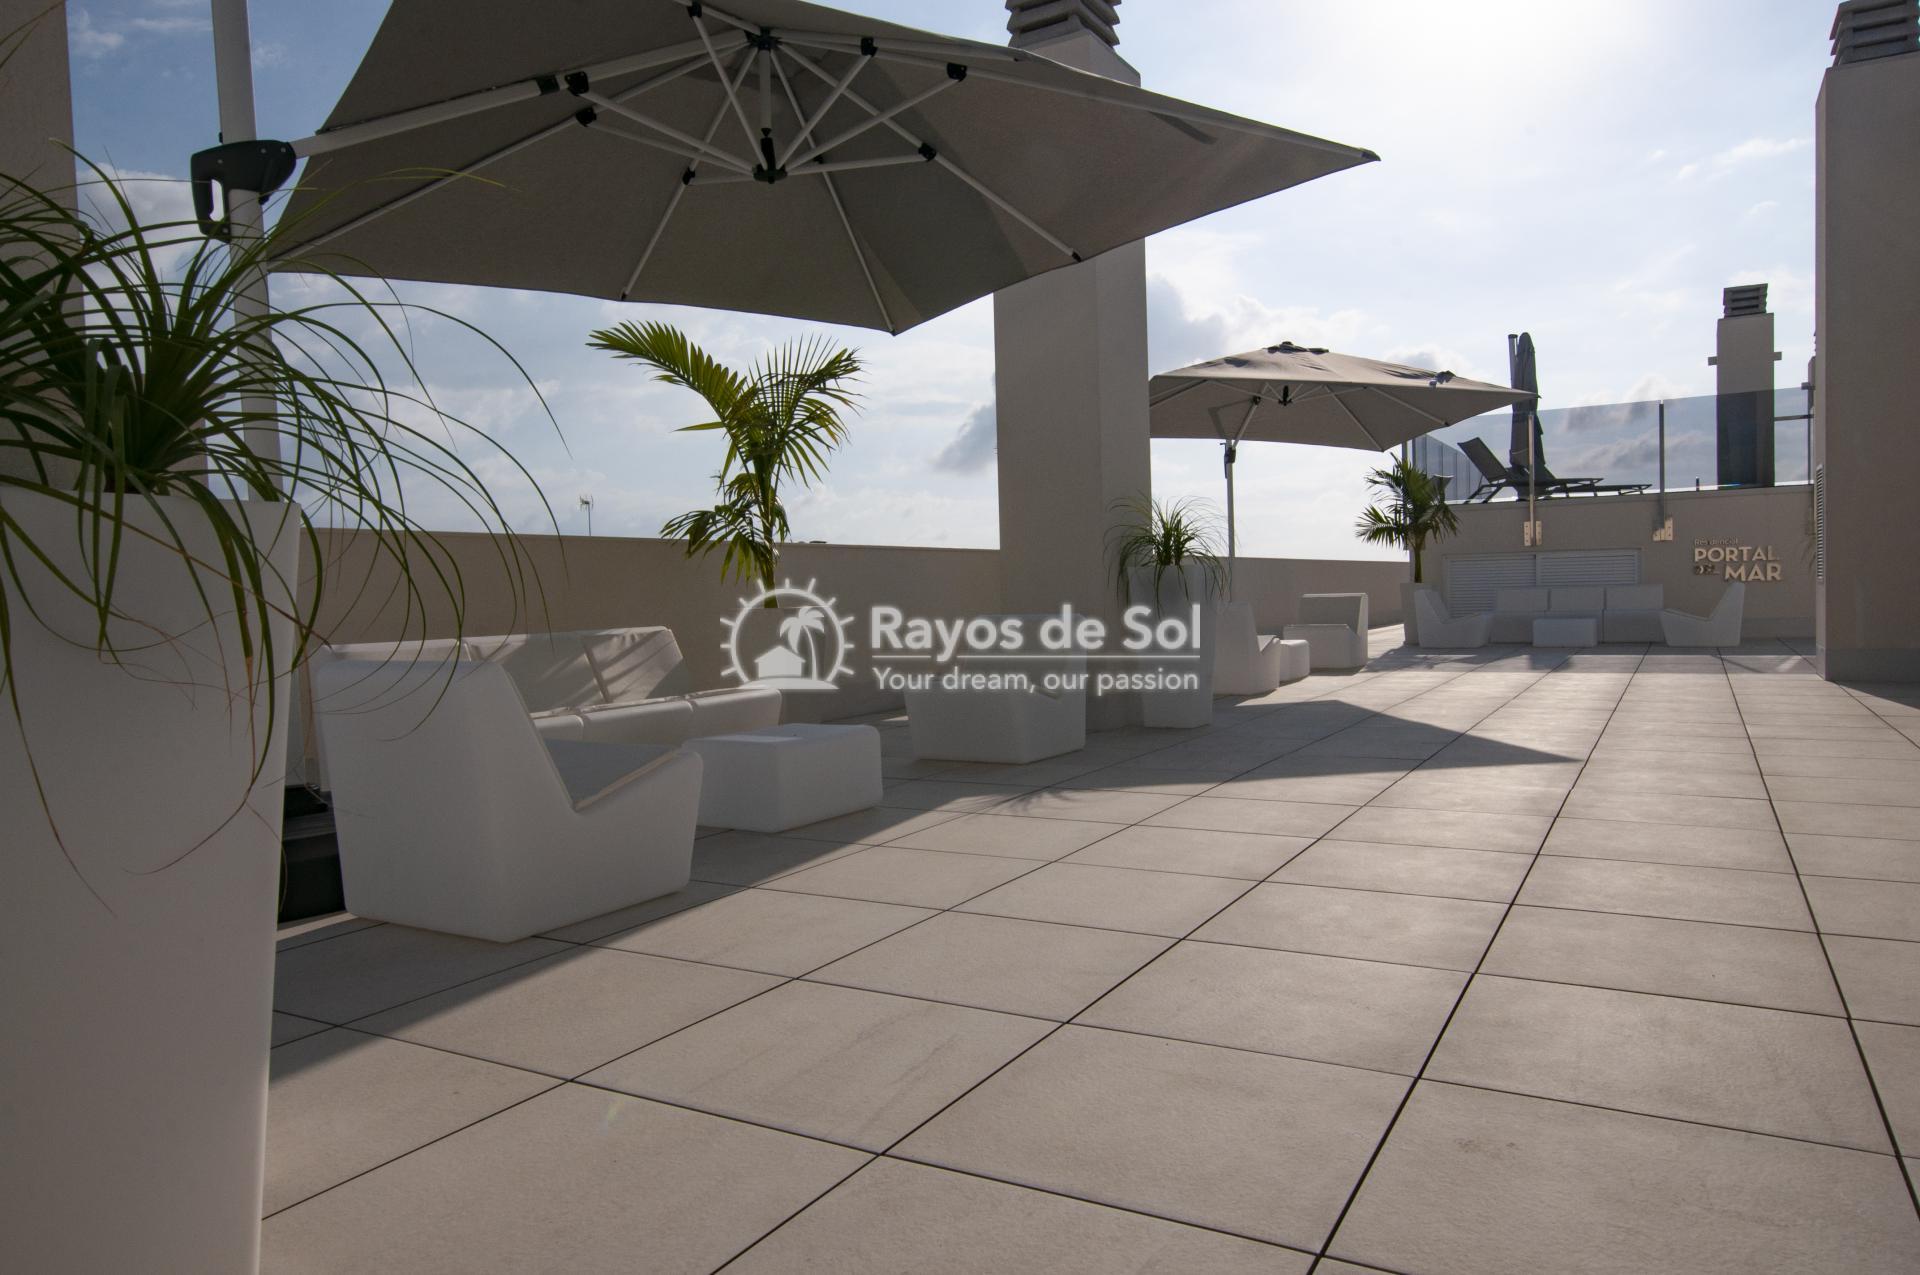 Apartment  in Guardamar del Segura, Costa Blanca (portalmar-tipo-3d) - 50